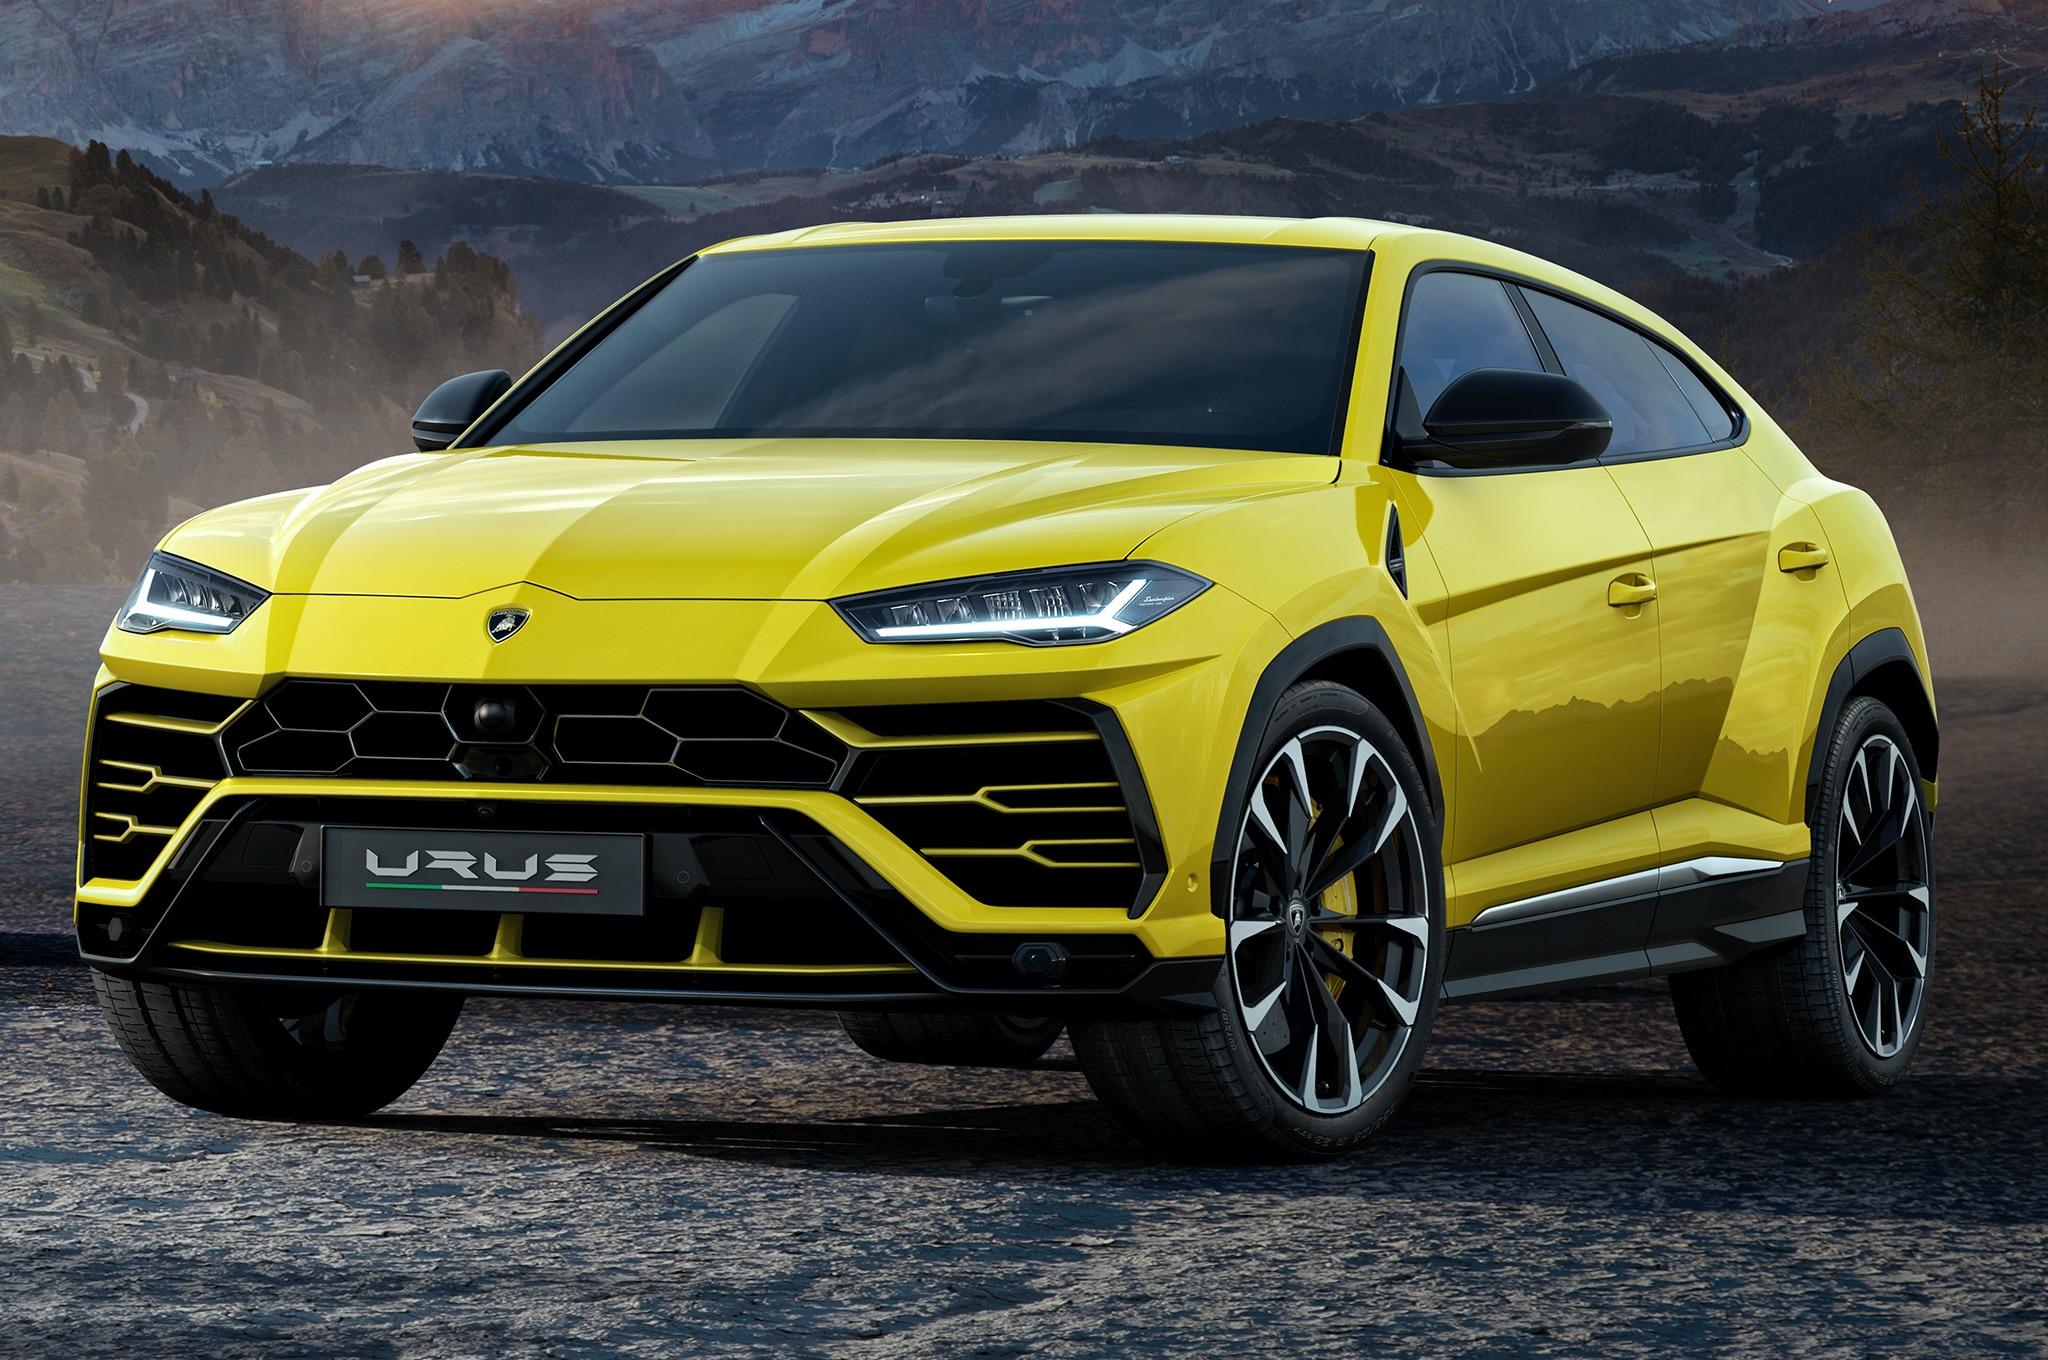 Configure Your Dream Lamborghini Urus Now Automobile